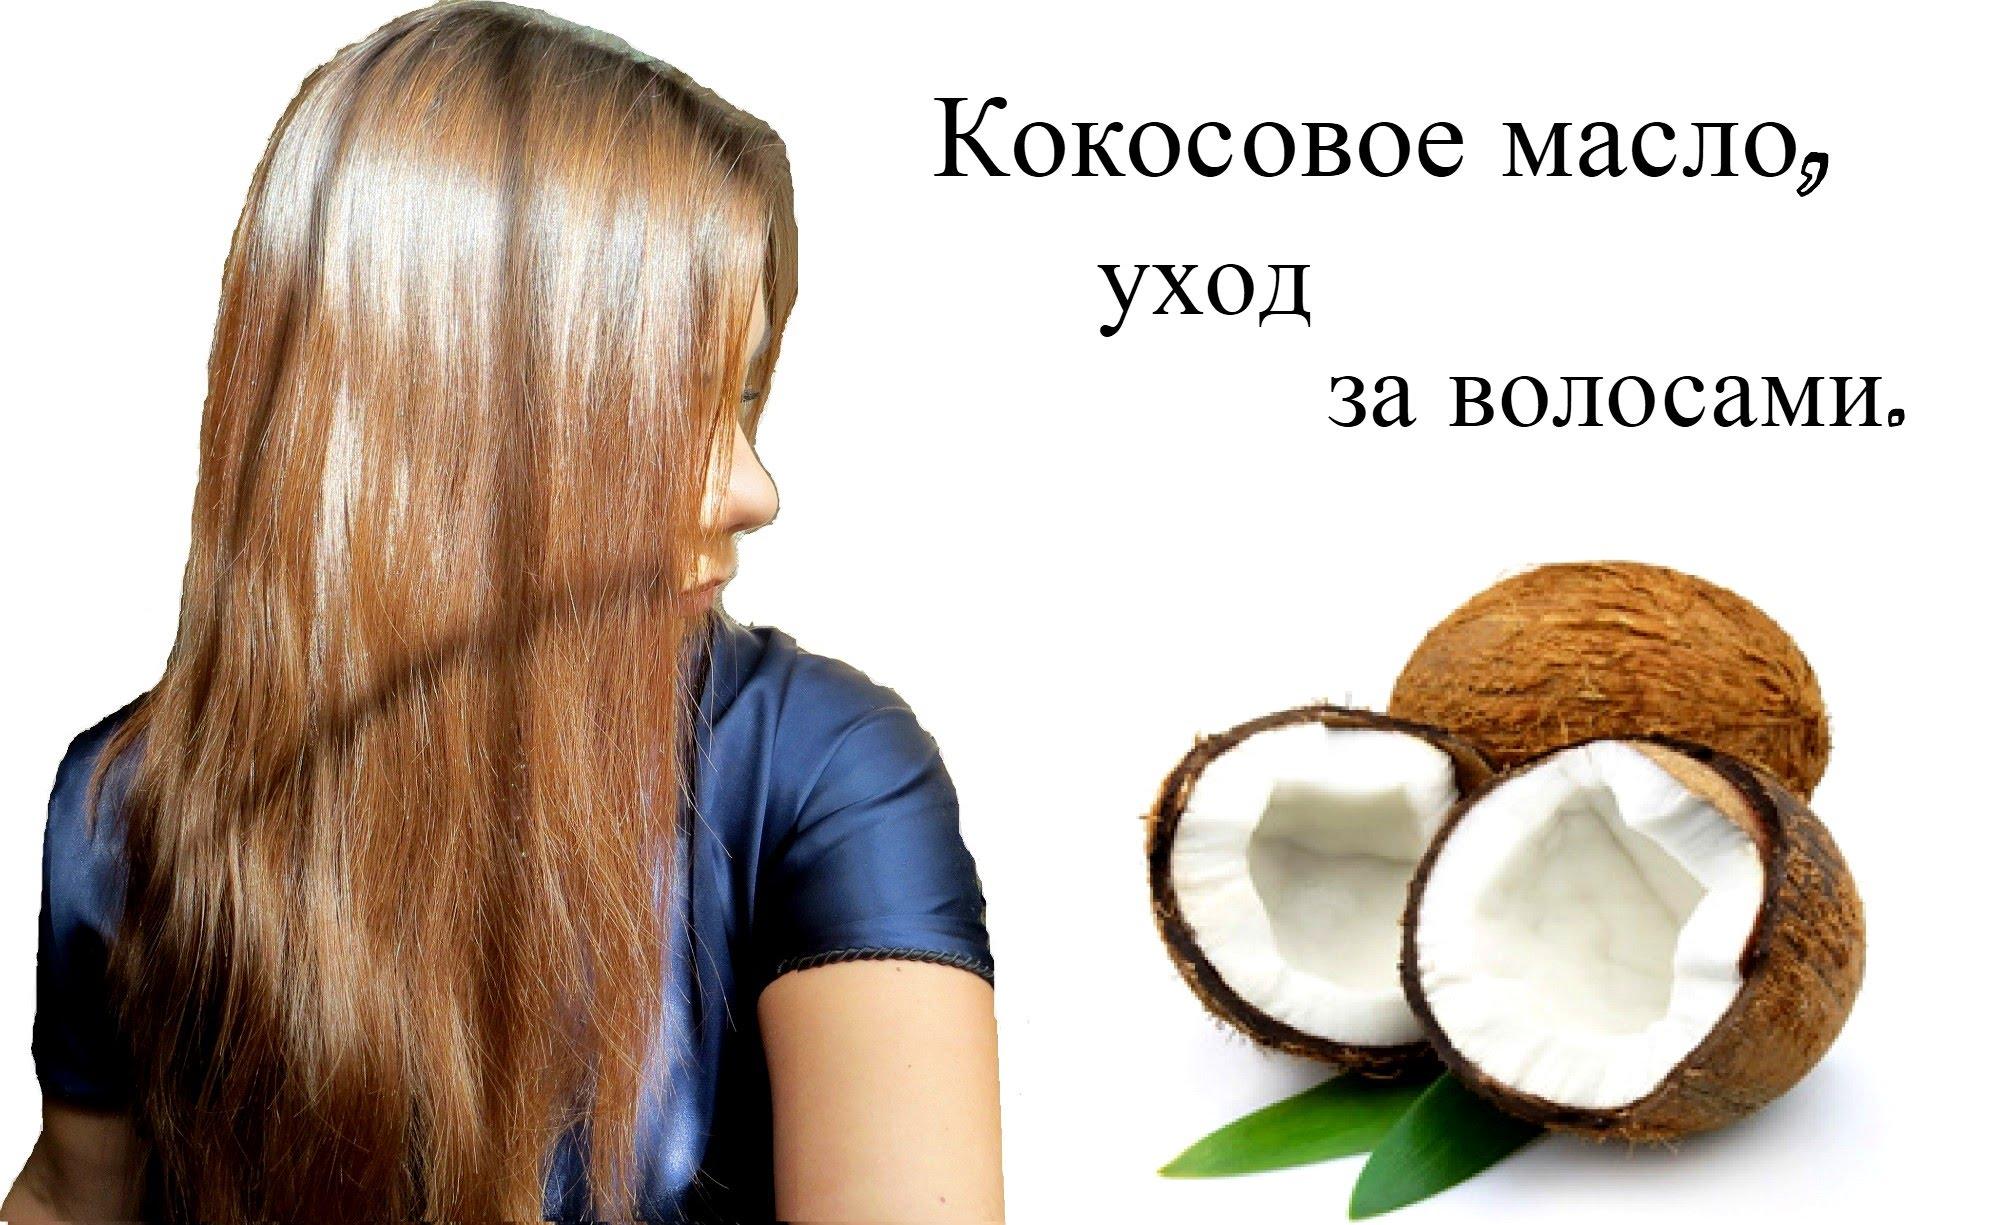 Маски для волос из кокосового масла Рarachute